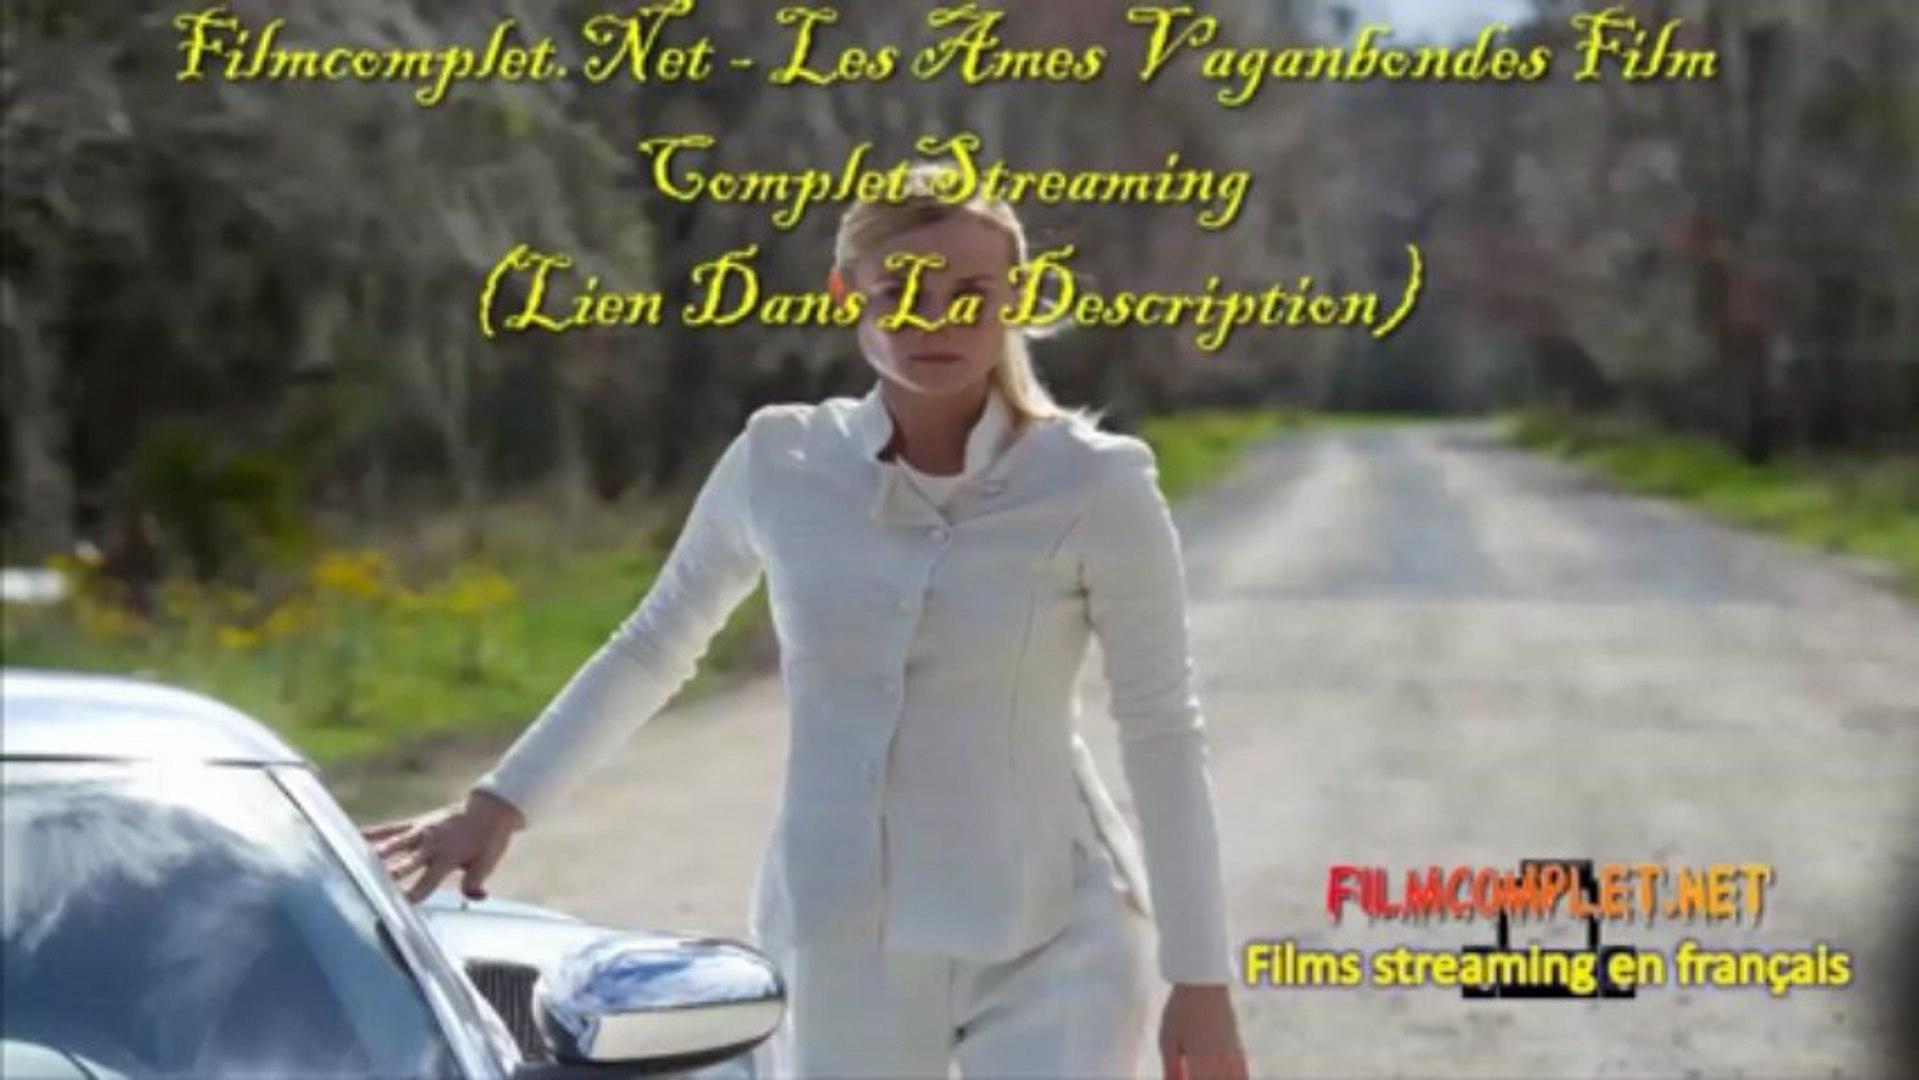 VAGABONDES TÉLÉCHARGER FILM AMES LES